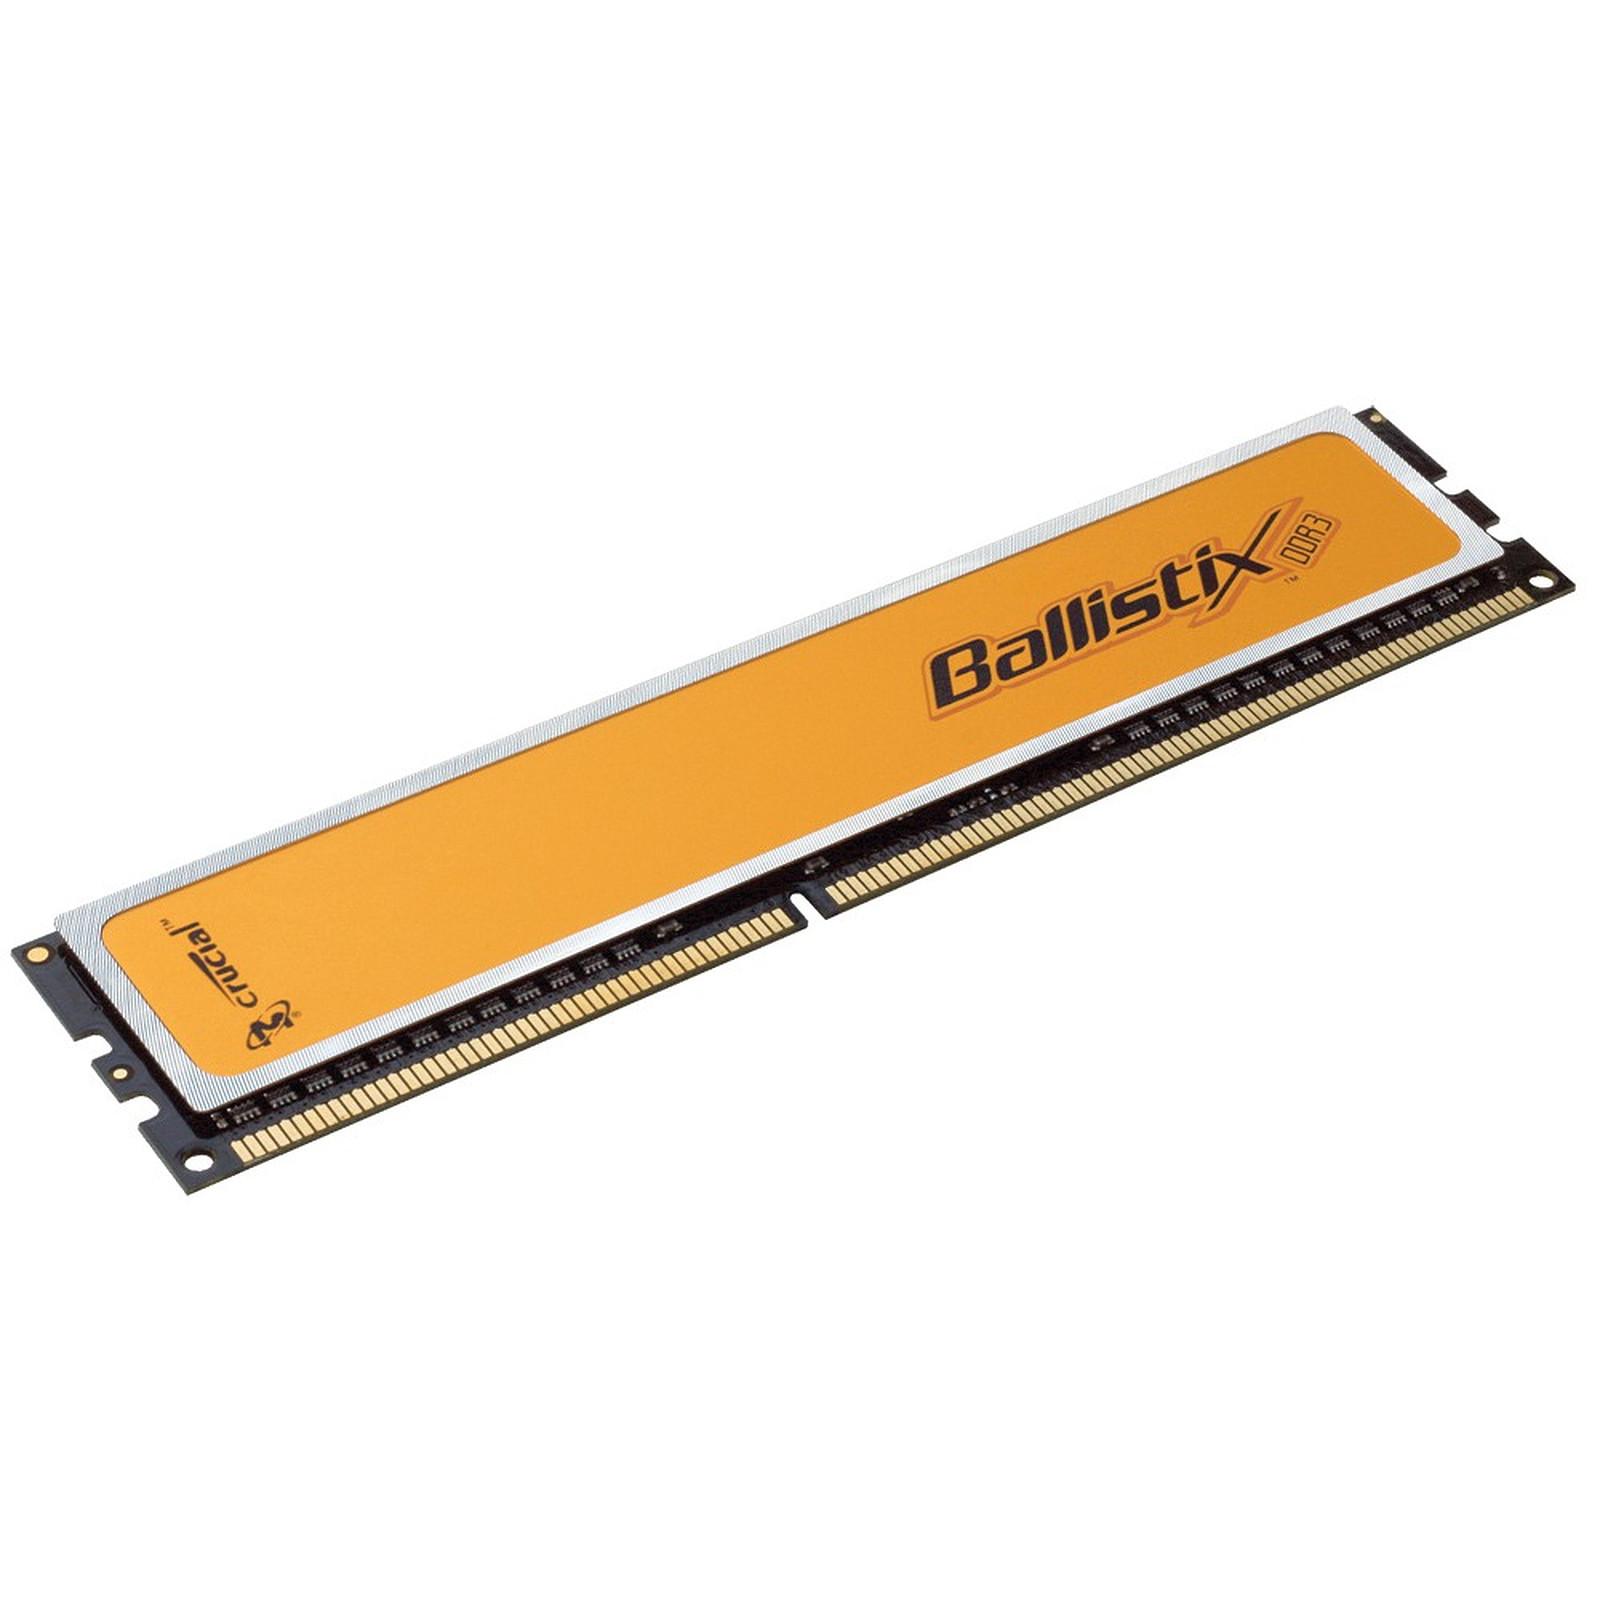 Ballistix 2 Go DDR3 1600 MHz CL8